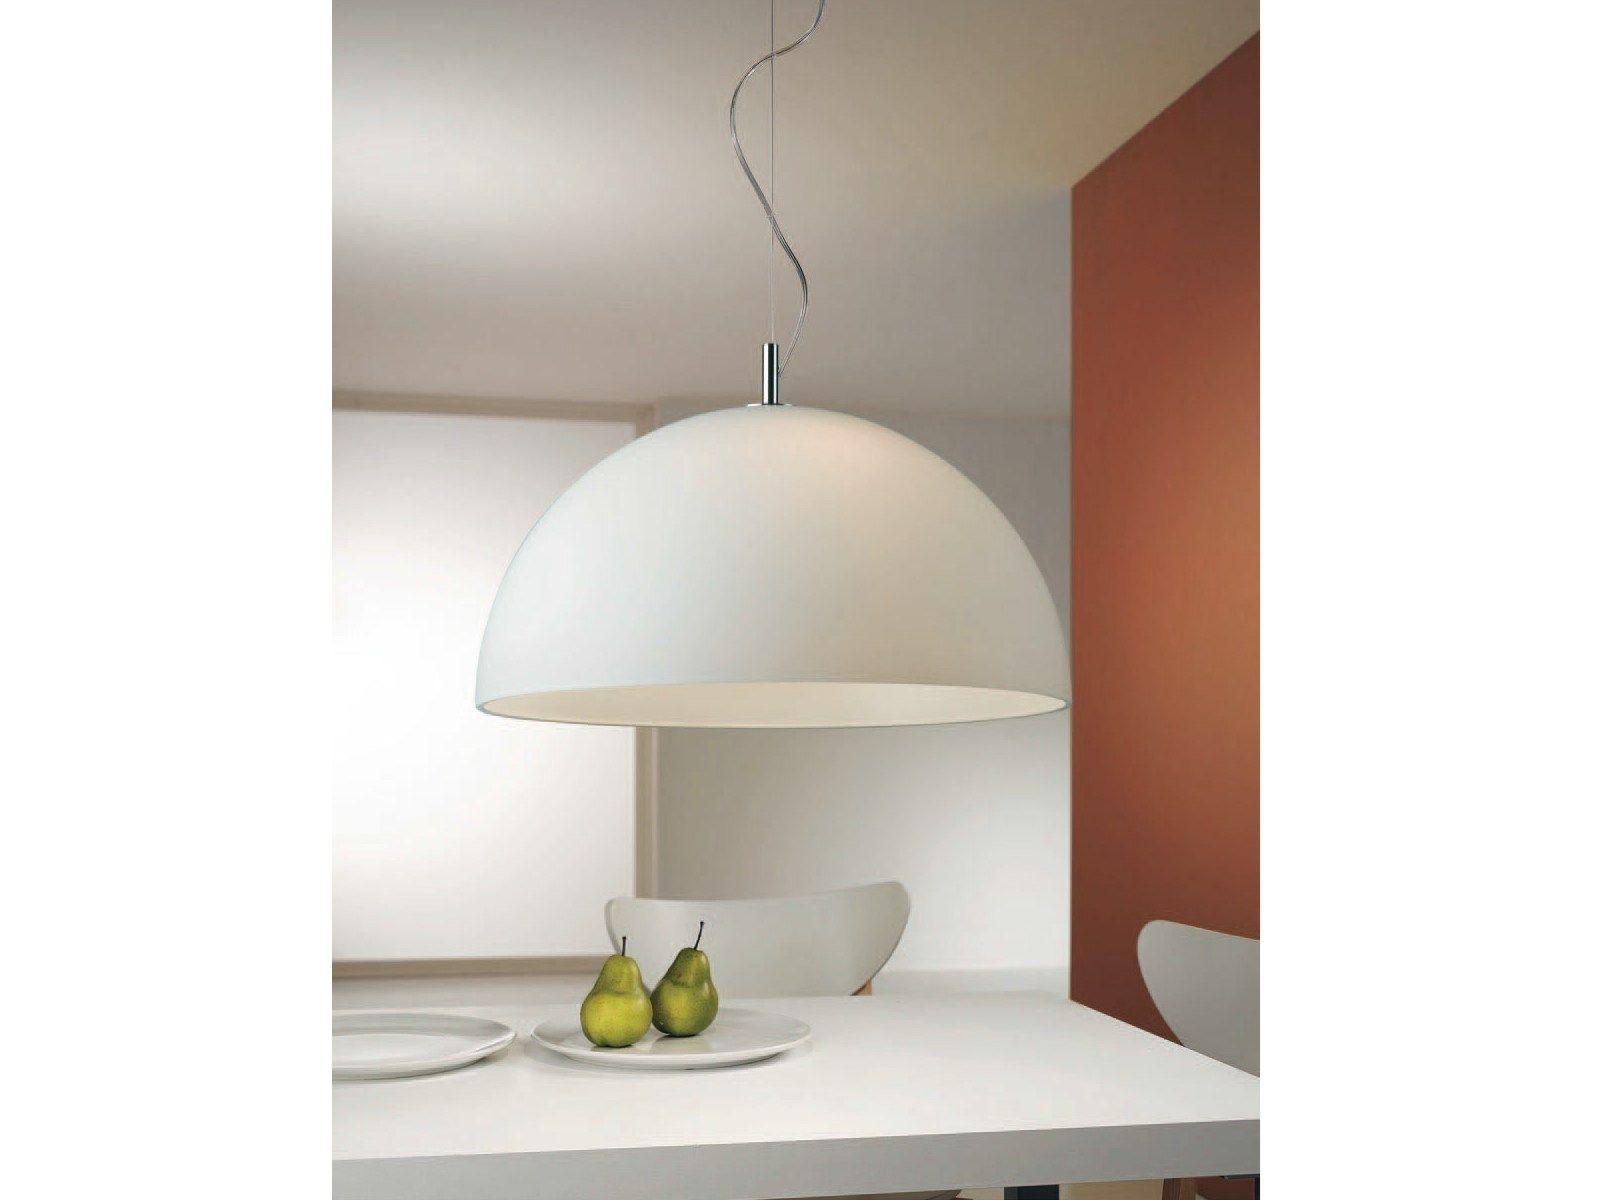 Lampade cucina sospensione: slamp liza lampada a sospensione da ...